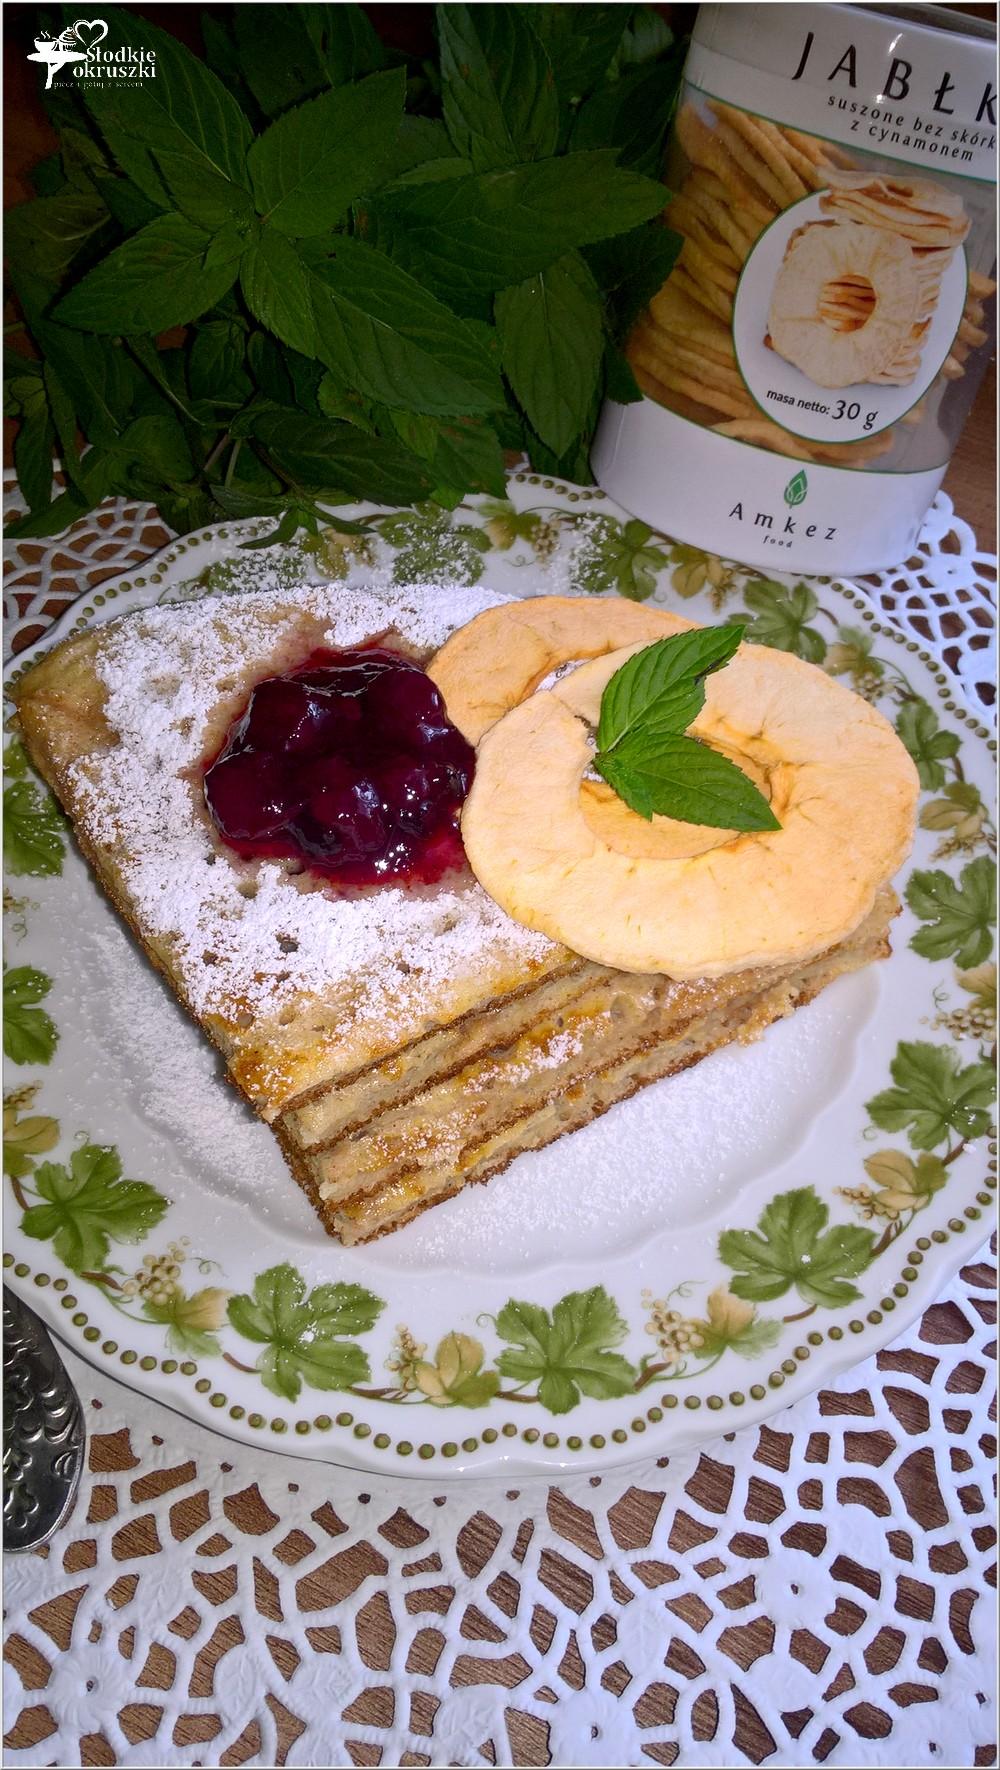 Cynamonowy omlet z jabłuszkiem (2)